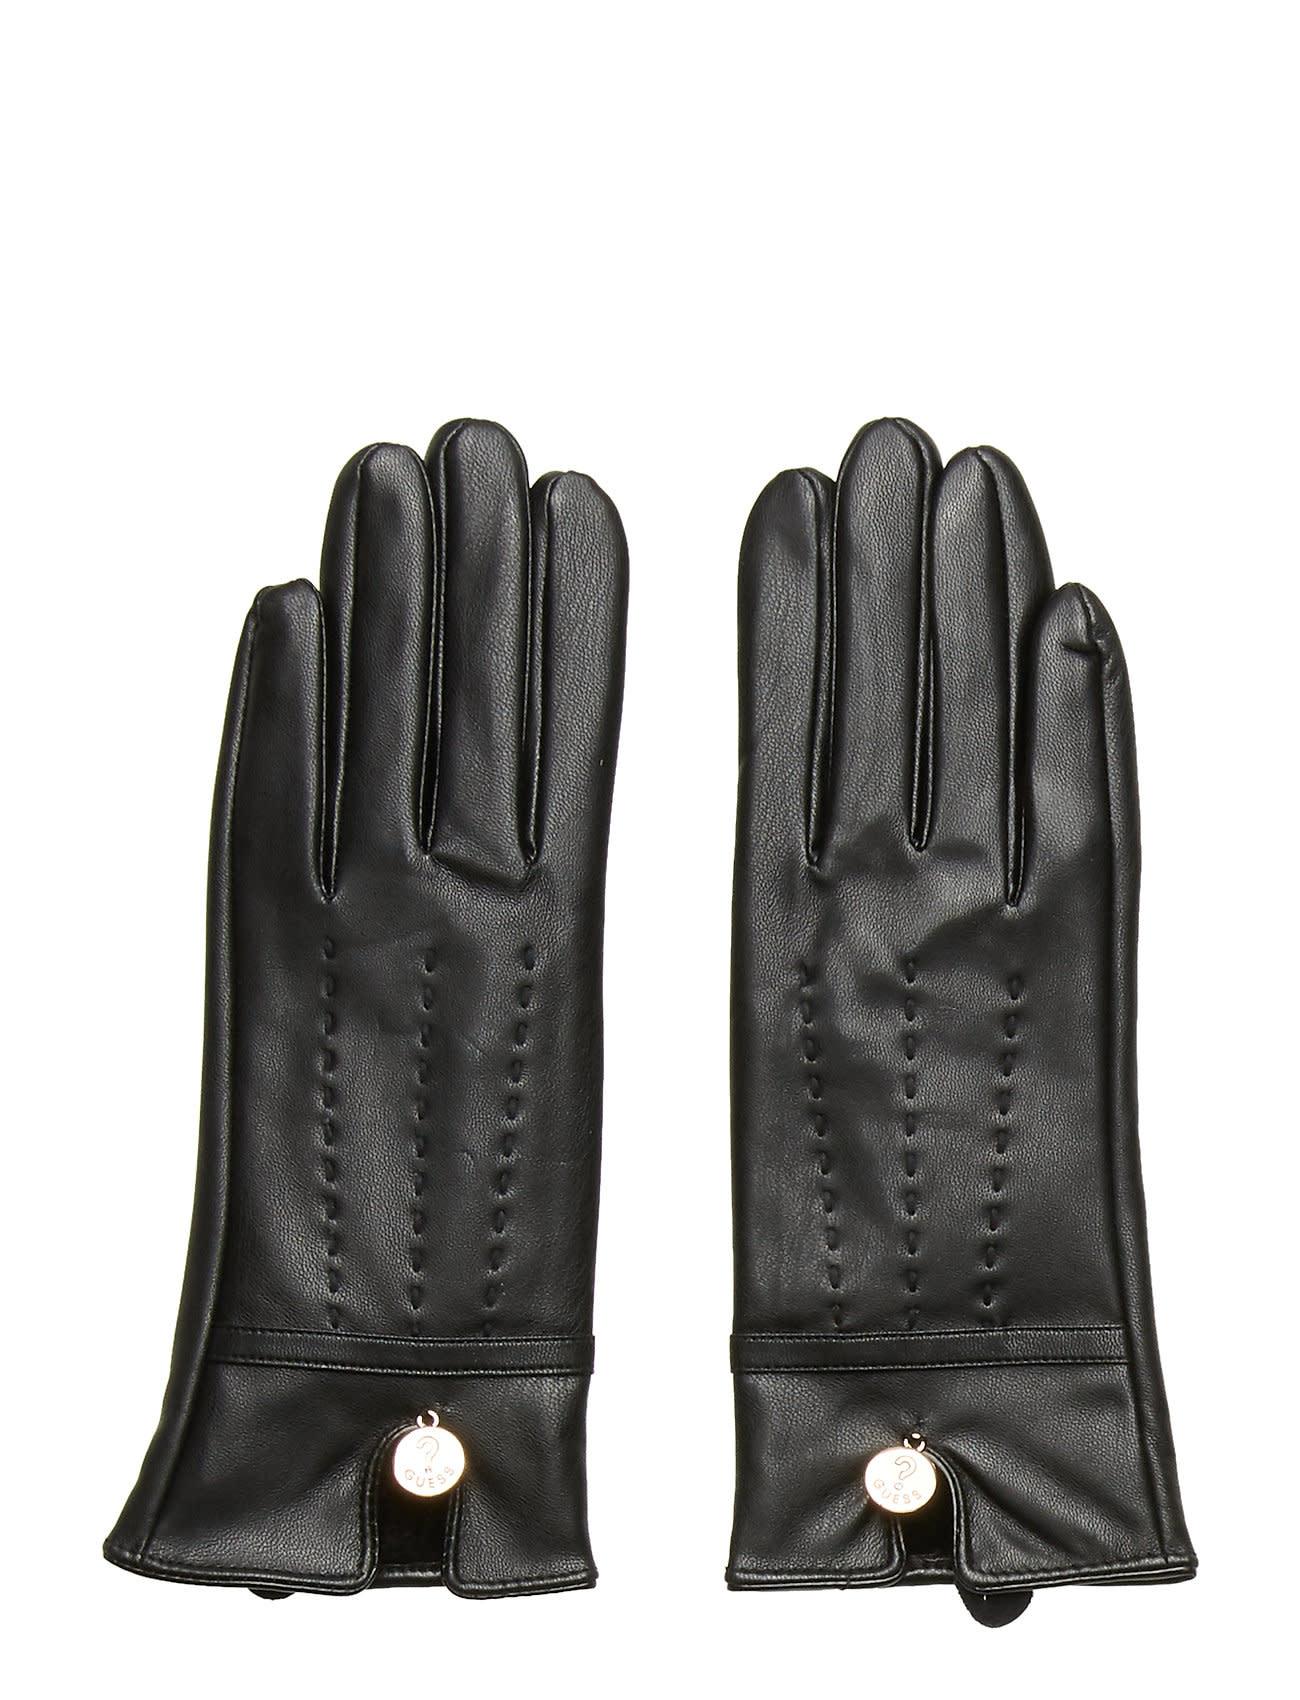 Guess Guess handschoenen zwart AW8267POL02BLA